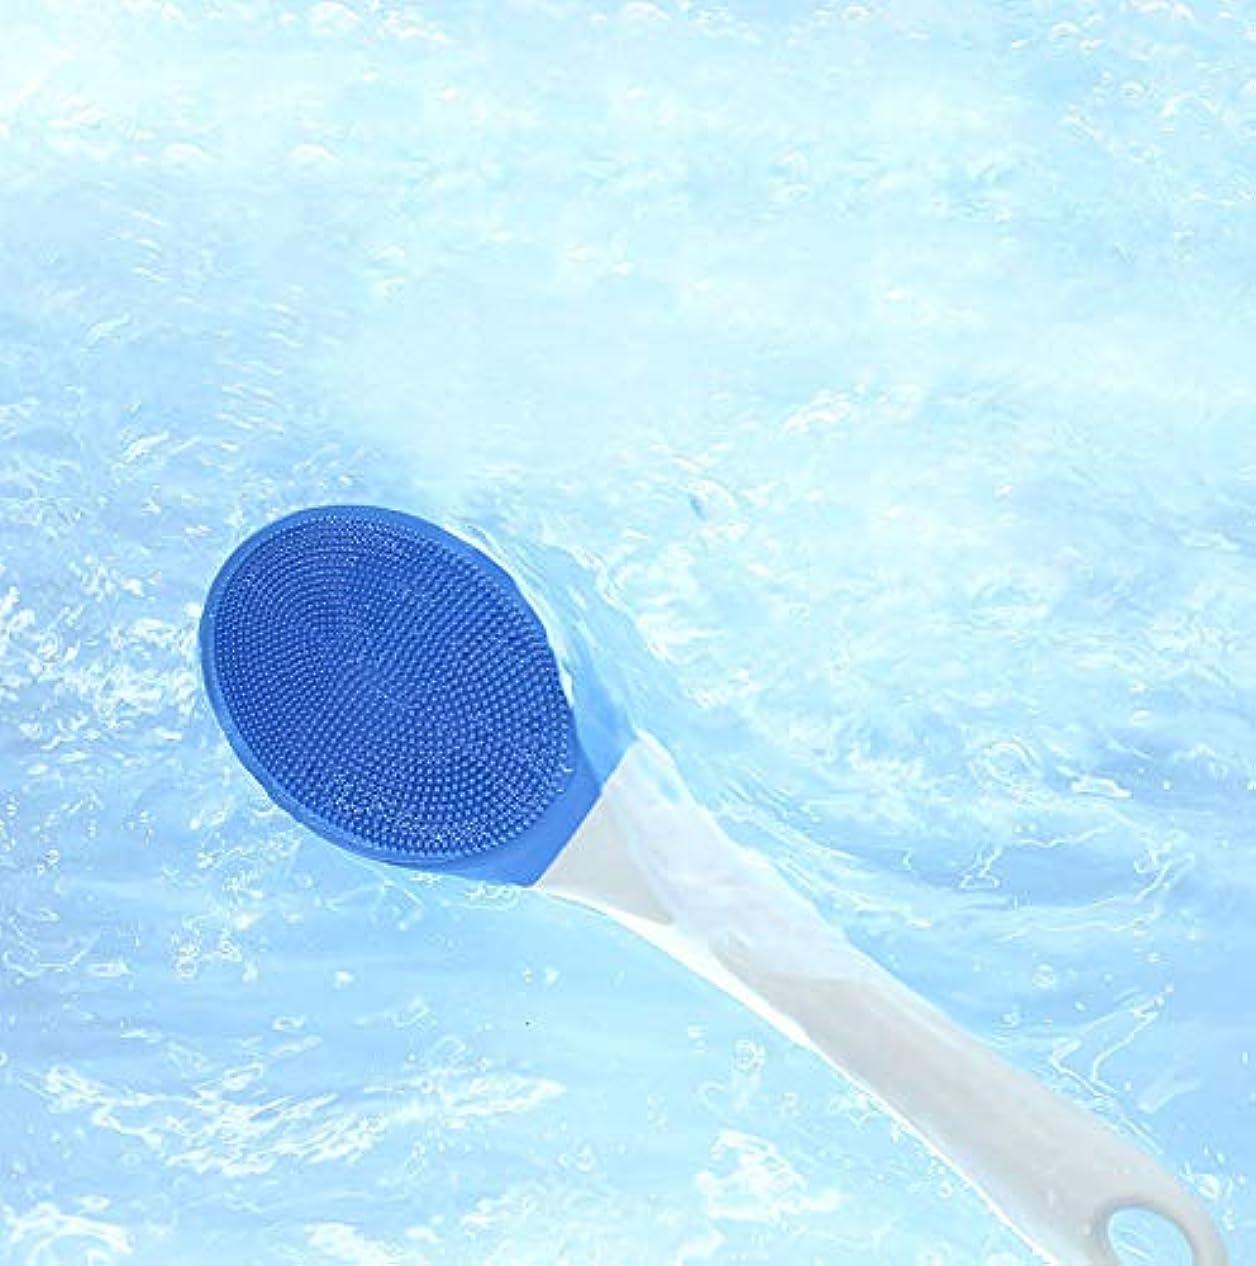 飢救出汚物電気バスブラシ、防水ボディ、洗顔ブラシロングハンドルソニック電動スクラバーディープクリーニング用3スピード調整可能なパルス振動,Blue